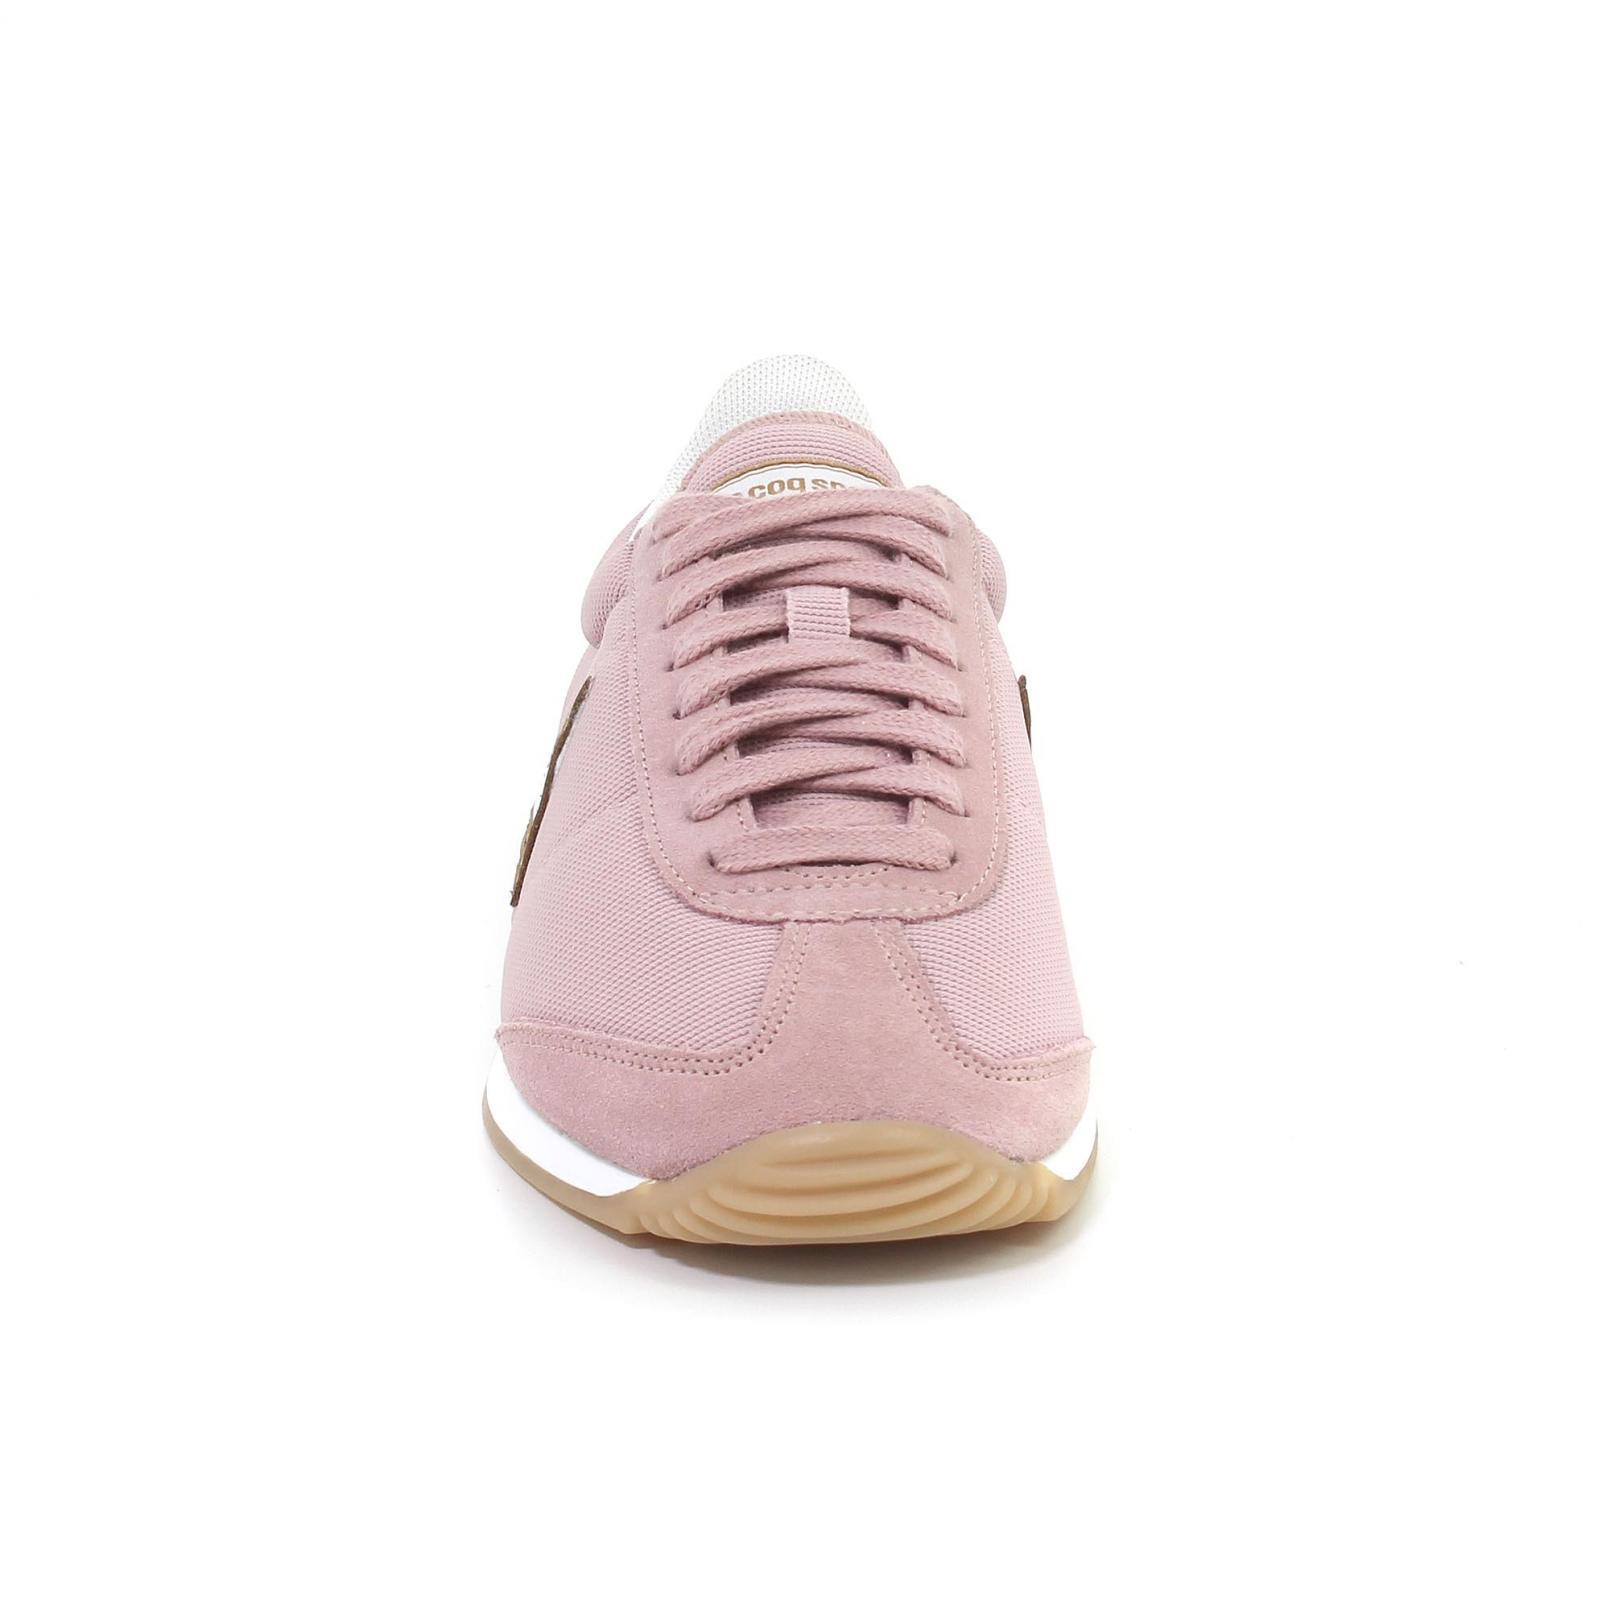 Shoes – Le Coq Sportif Quartz W Nylon Pink/Pink